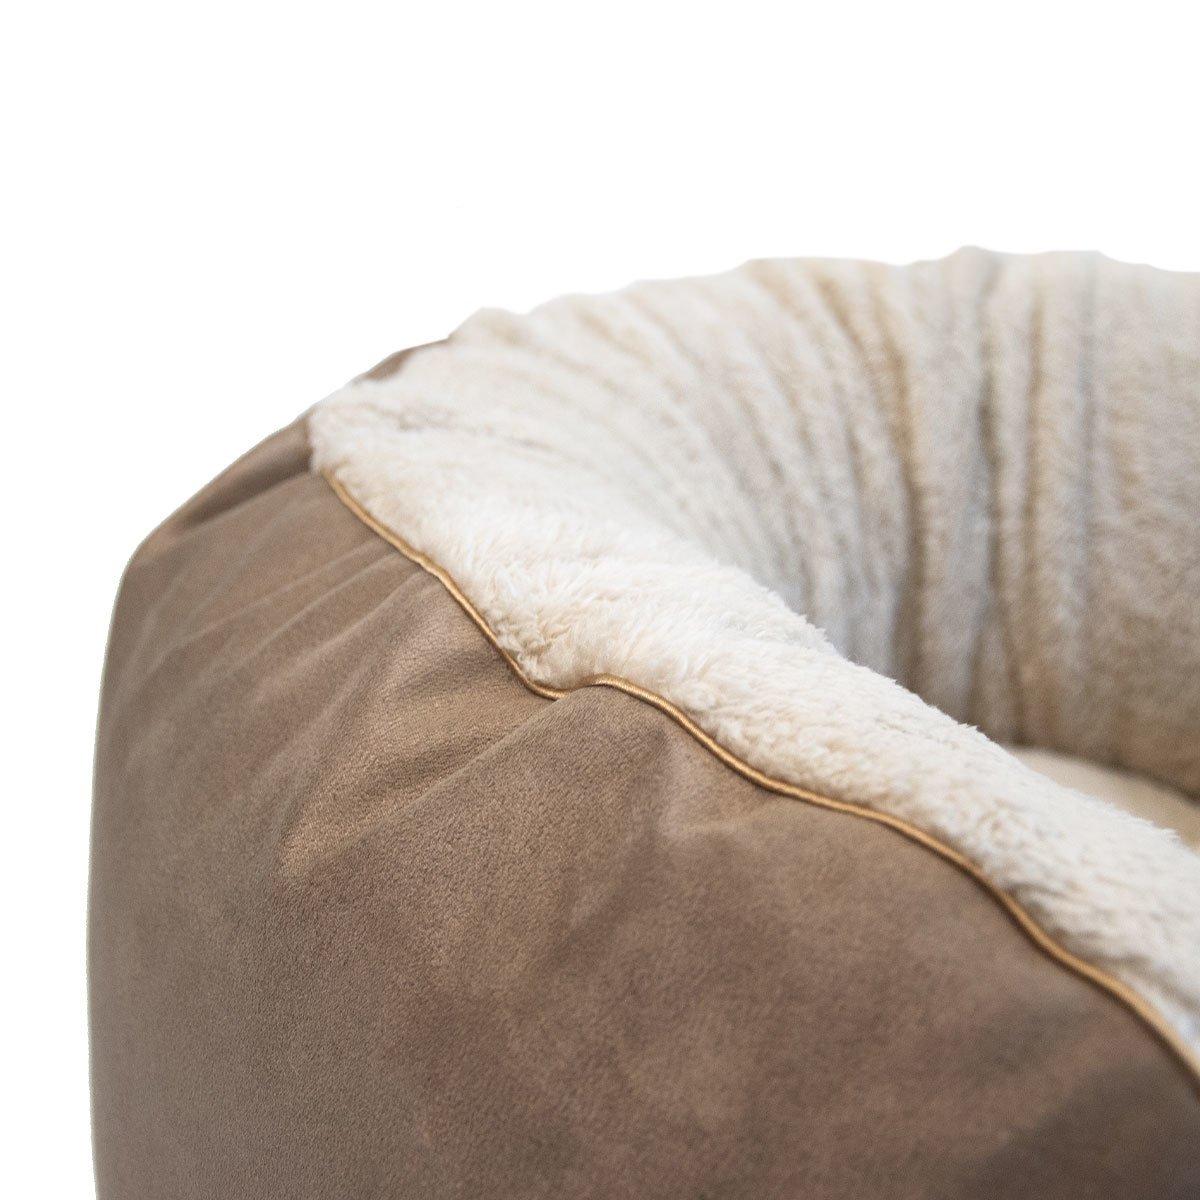 wauweich Komfortbett mit hohem Rand, Bild 8